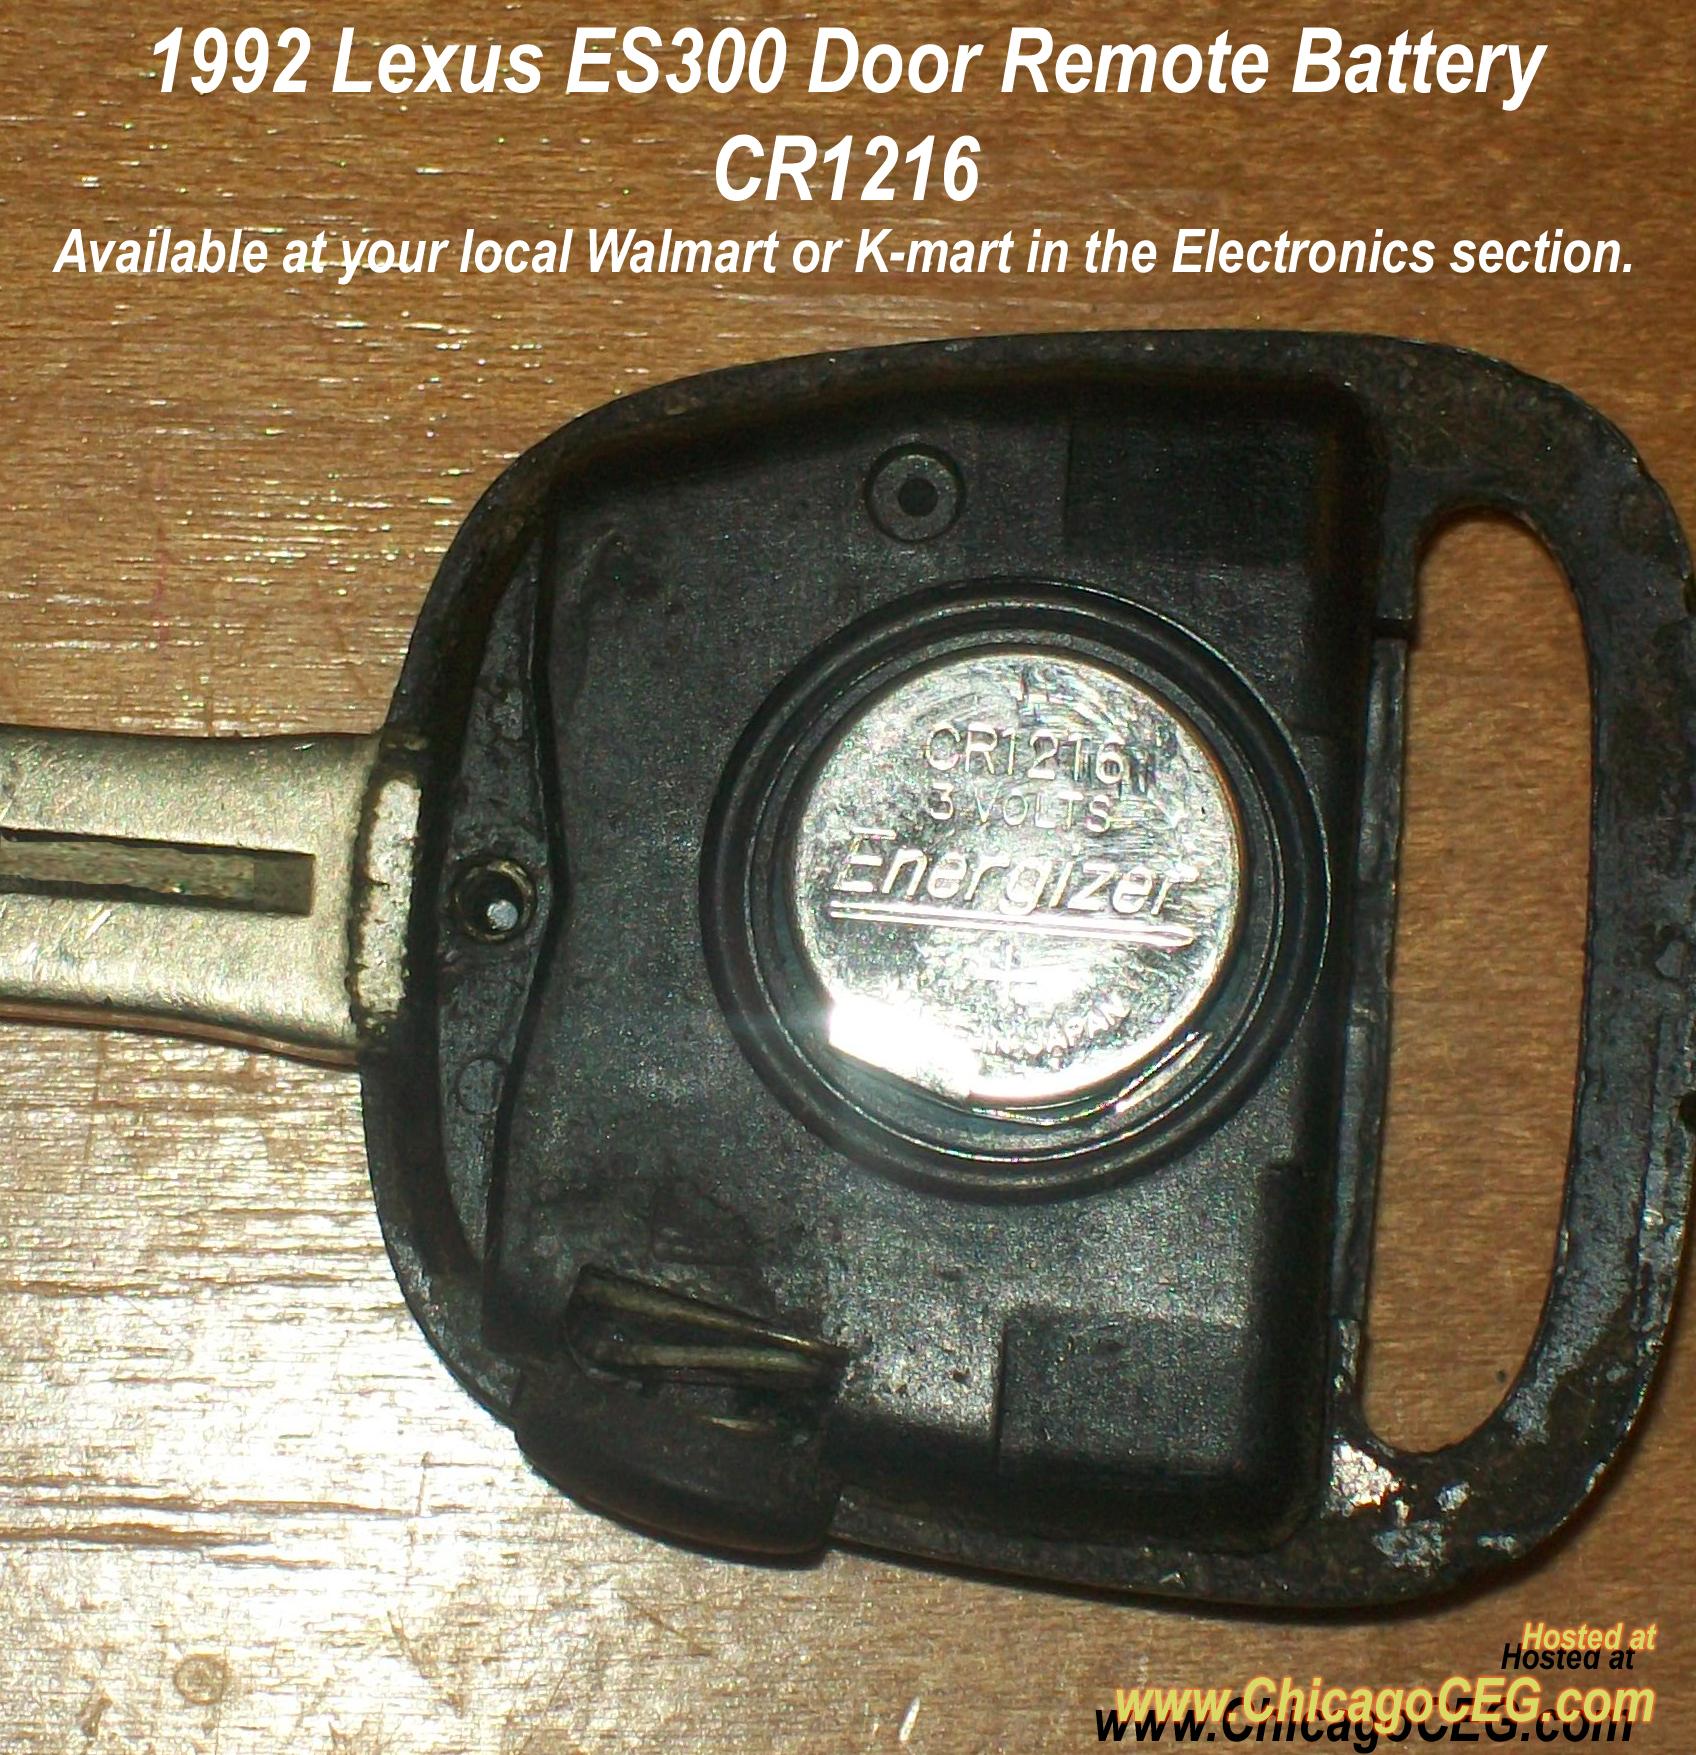 2008 lexus gx470 key battery